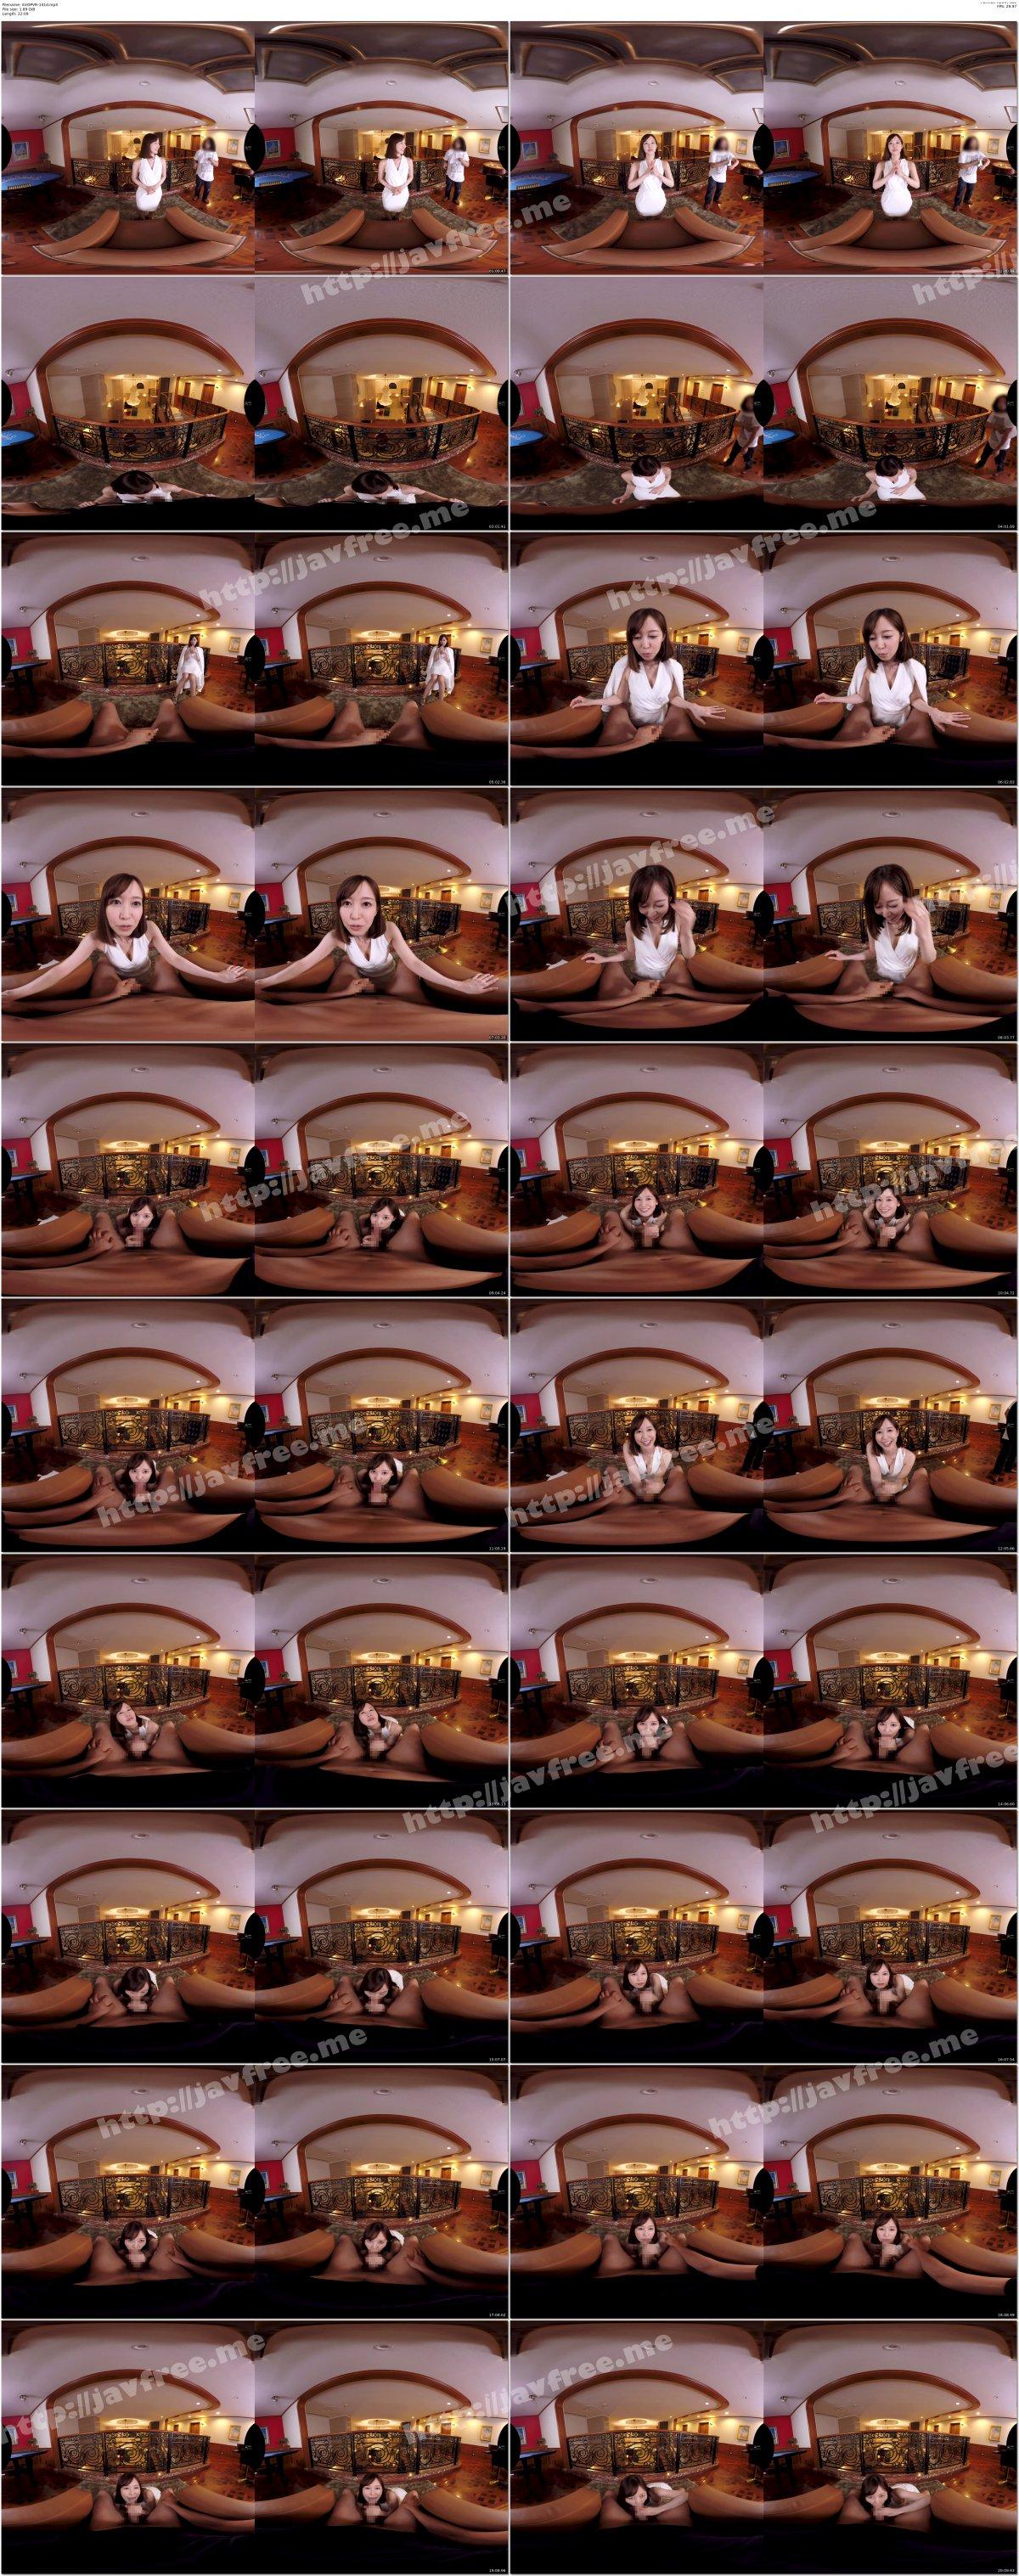 [AVOPVR-141] 【VR】成りあがりAV男優体験VR ただの素人だったアナタが一流のAV男優になるまでの過程で実際に出会った8人のAV女優との8現場を全てドキュメンタリーVR映像化!! - image AVOPVR-141d on https://javfree.me